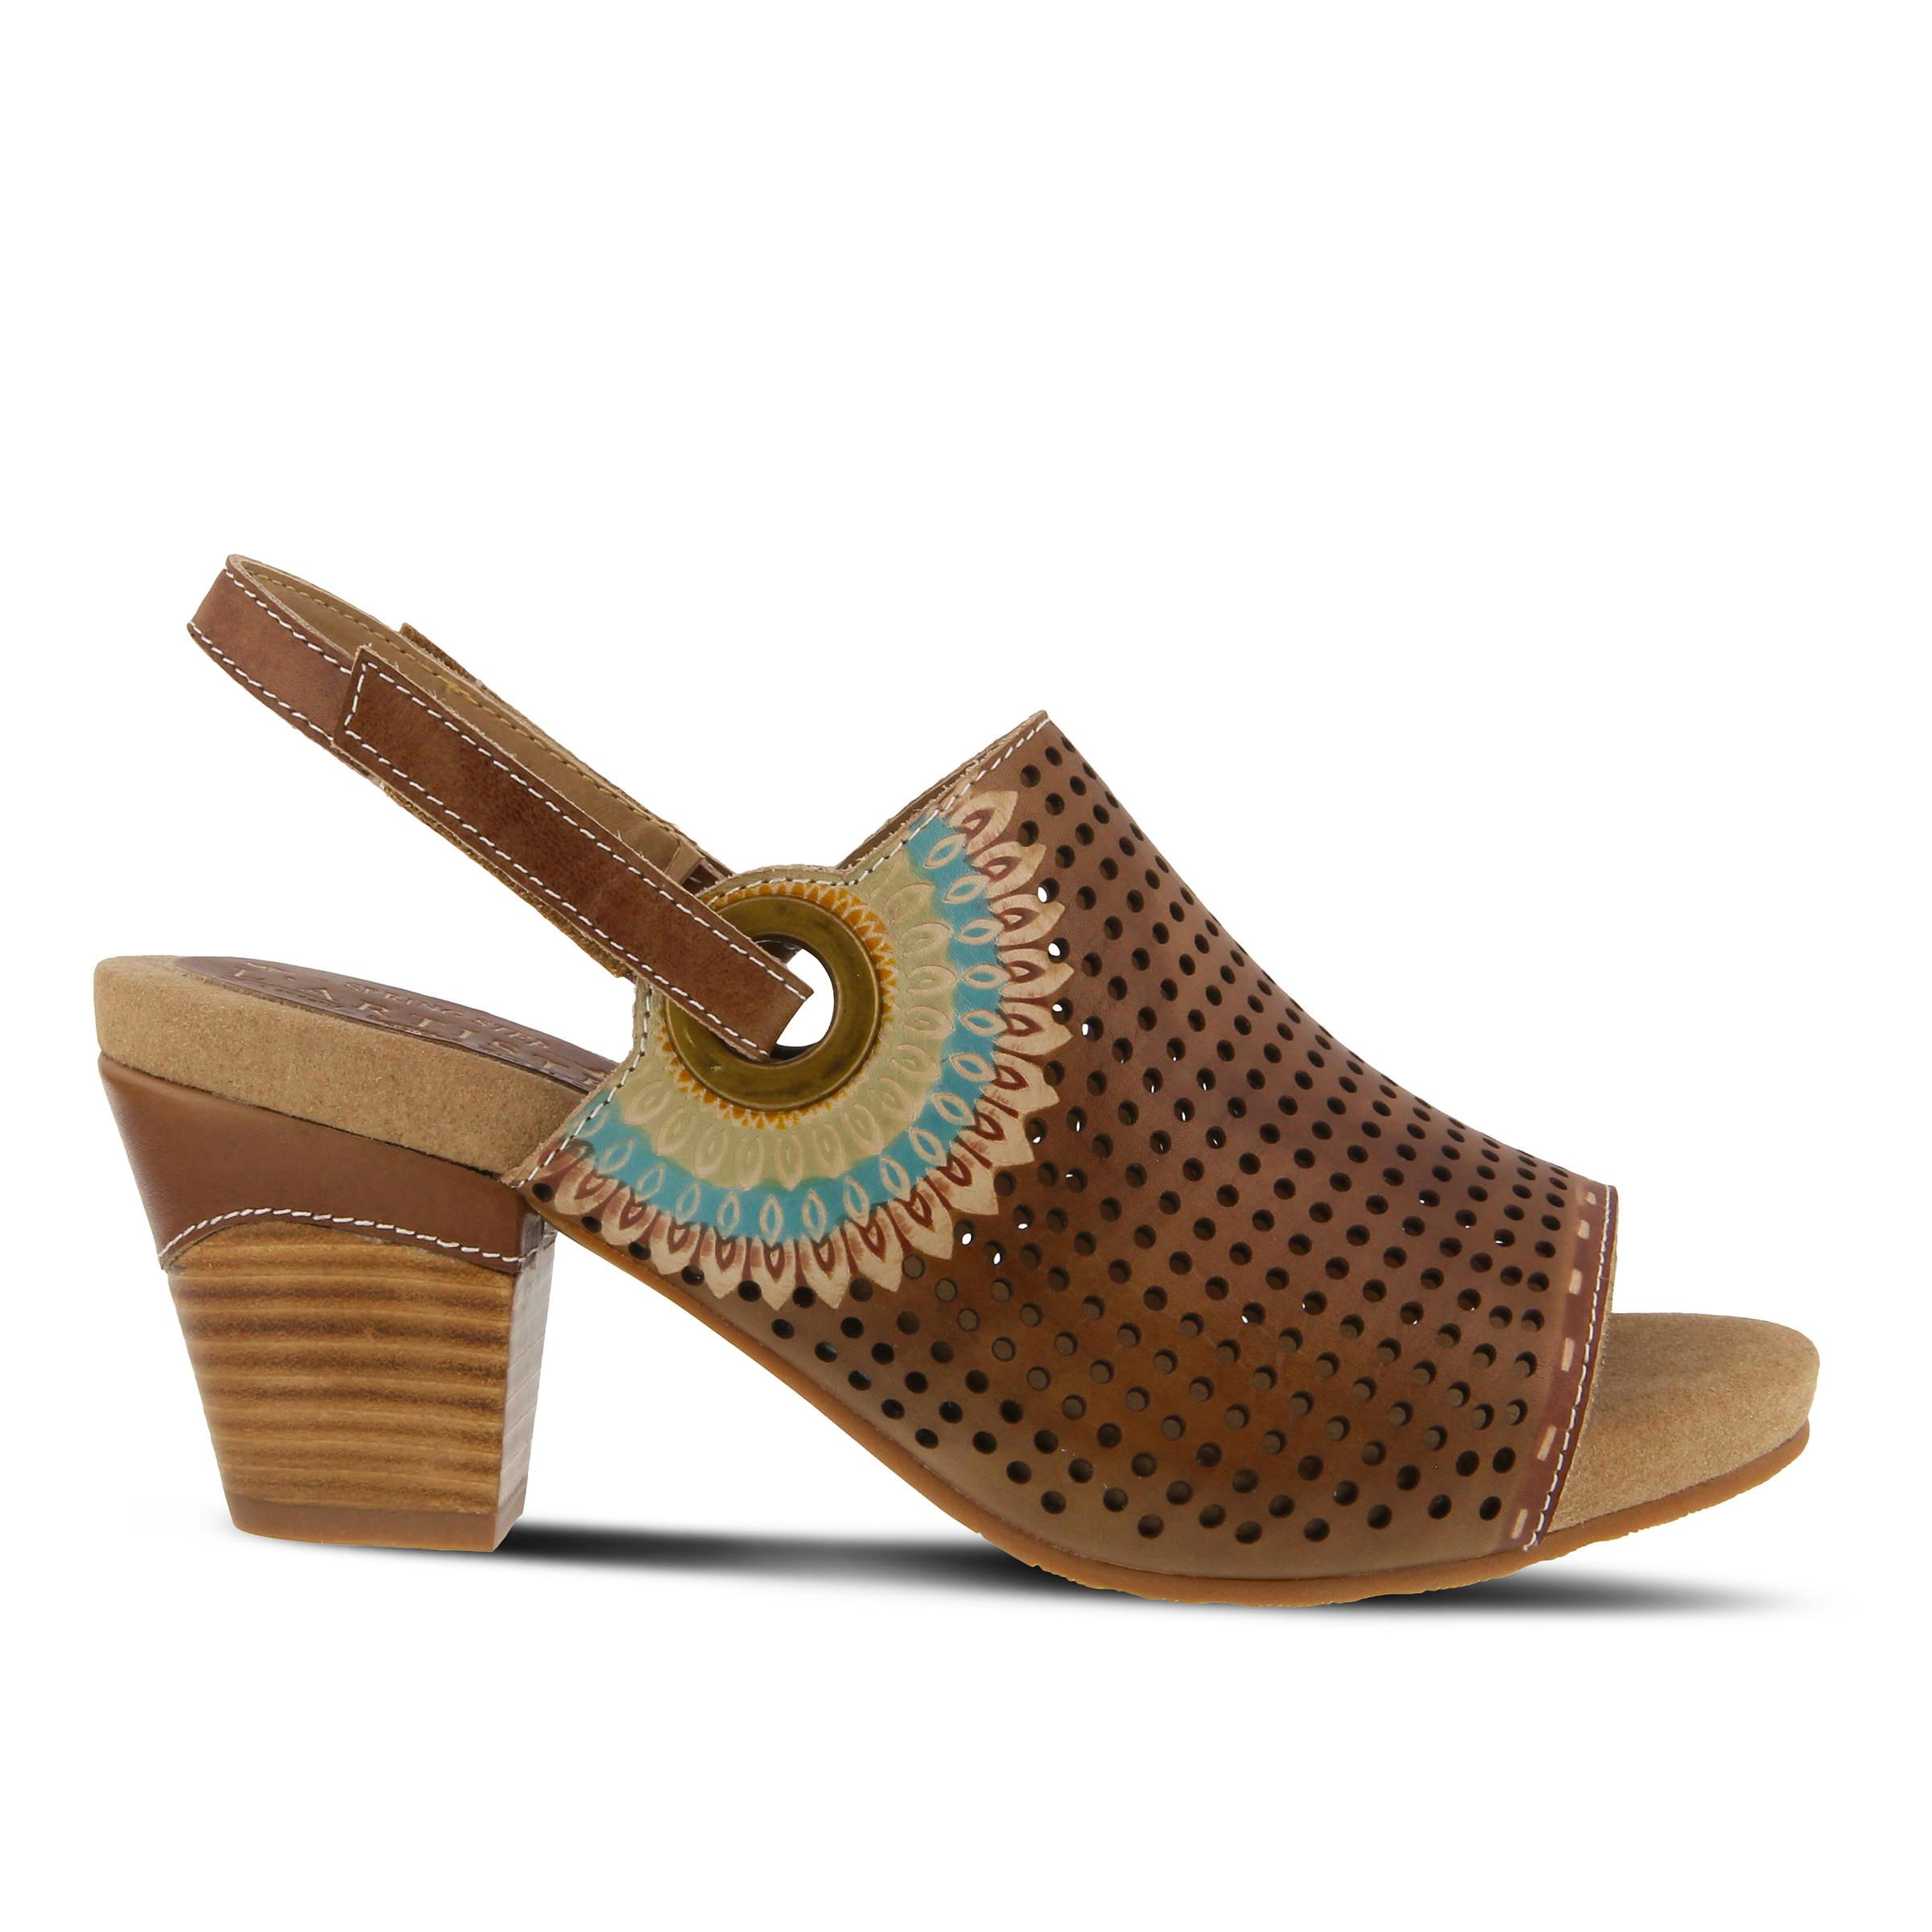 L'Artiste Millie Women's Dress Shoe (Beige Leather)